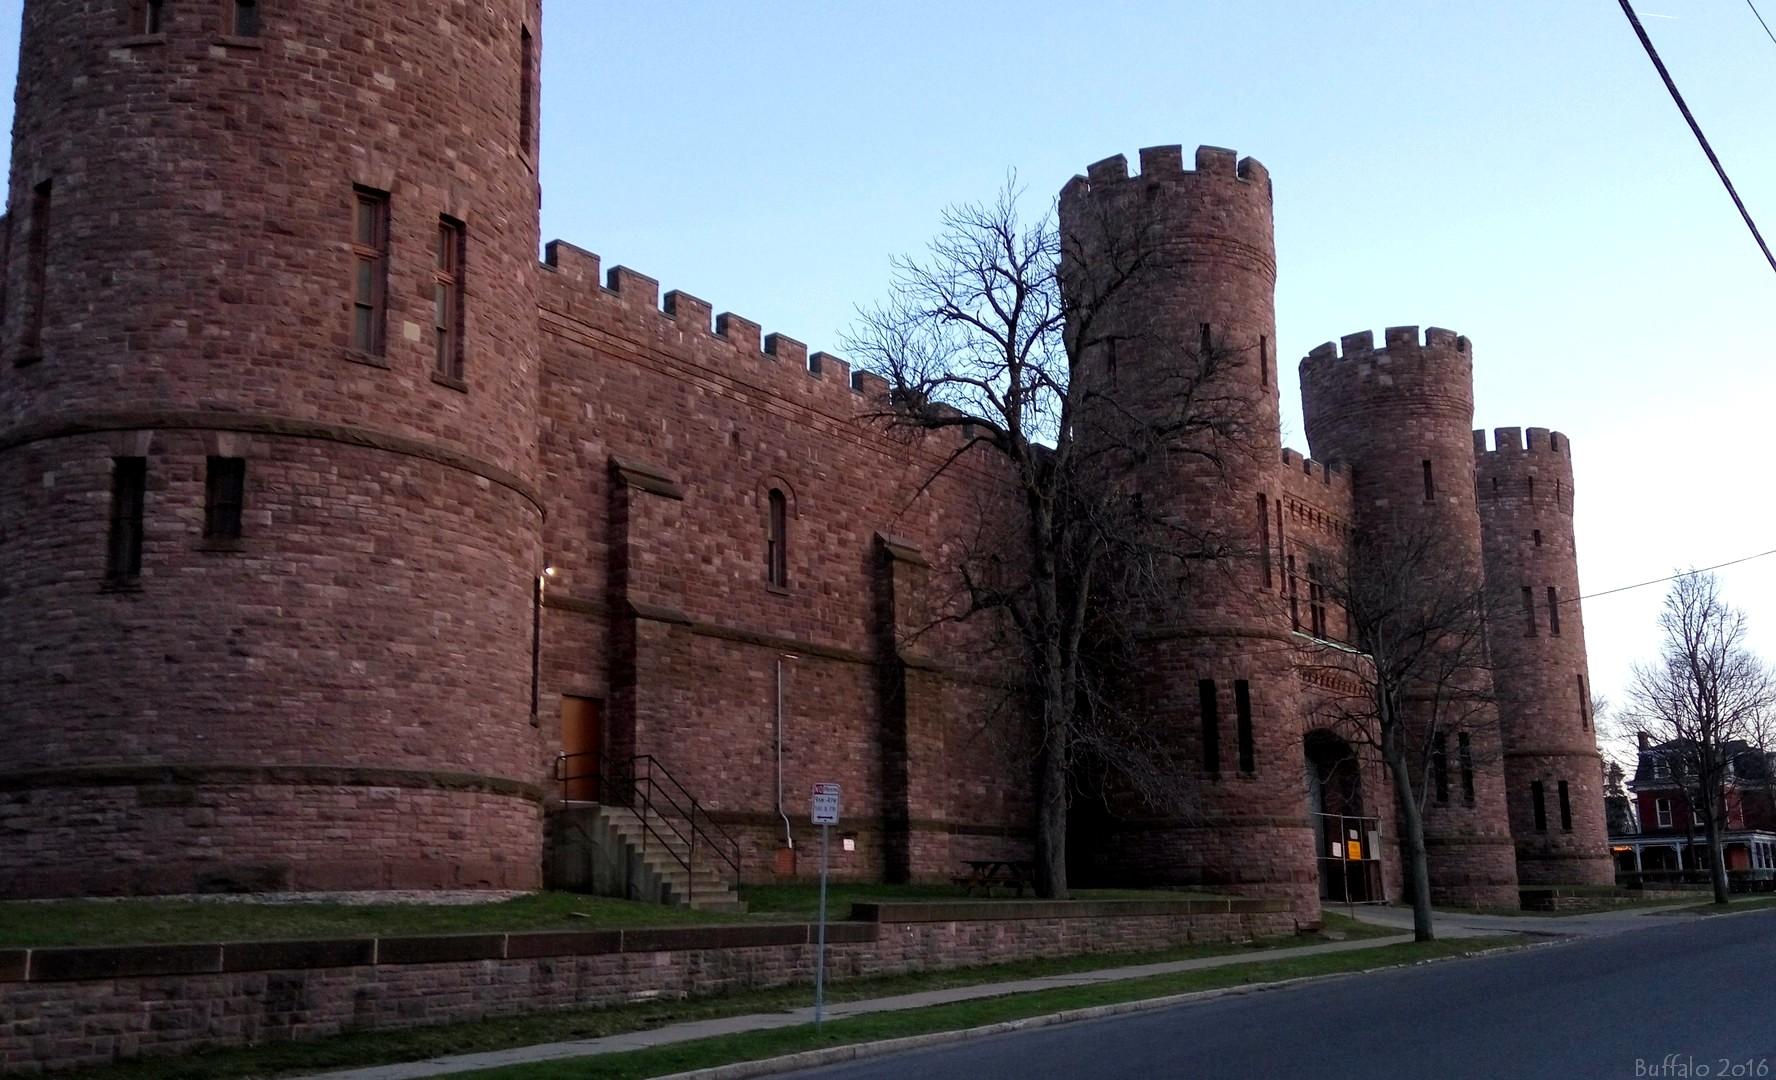 Ny State Armory, Buffalo, NY, USA